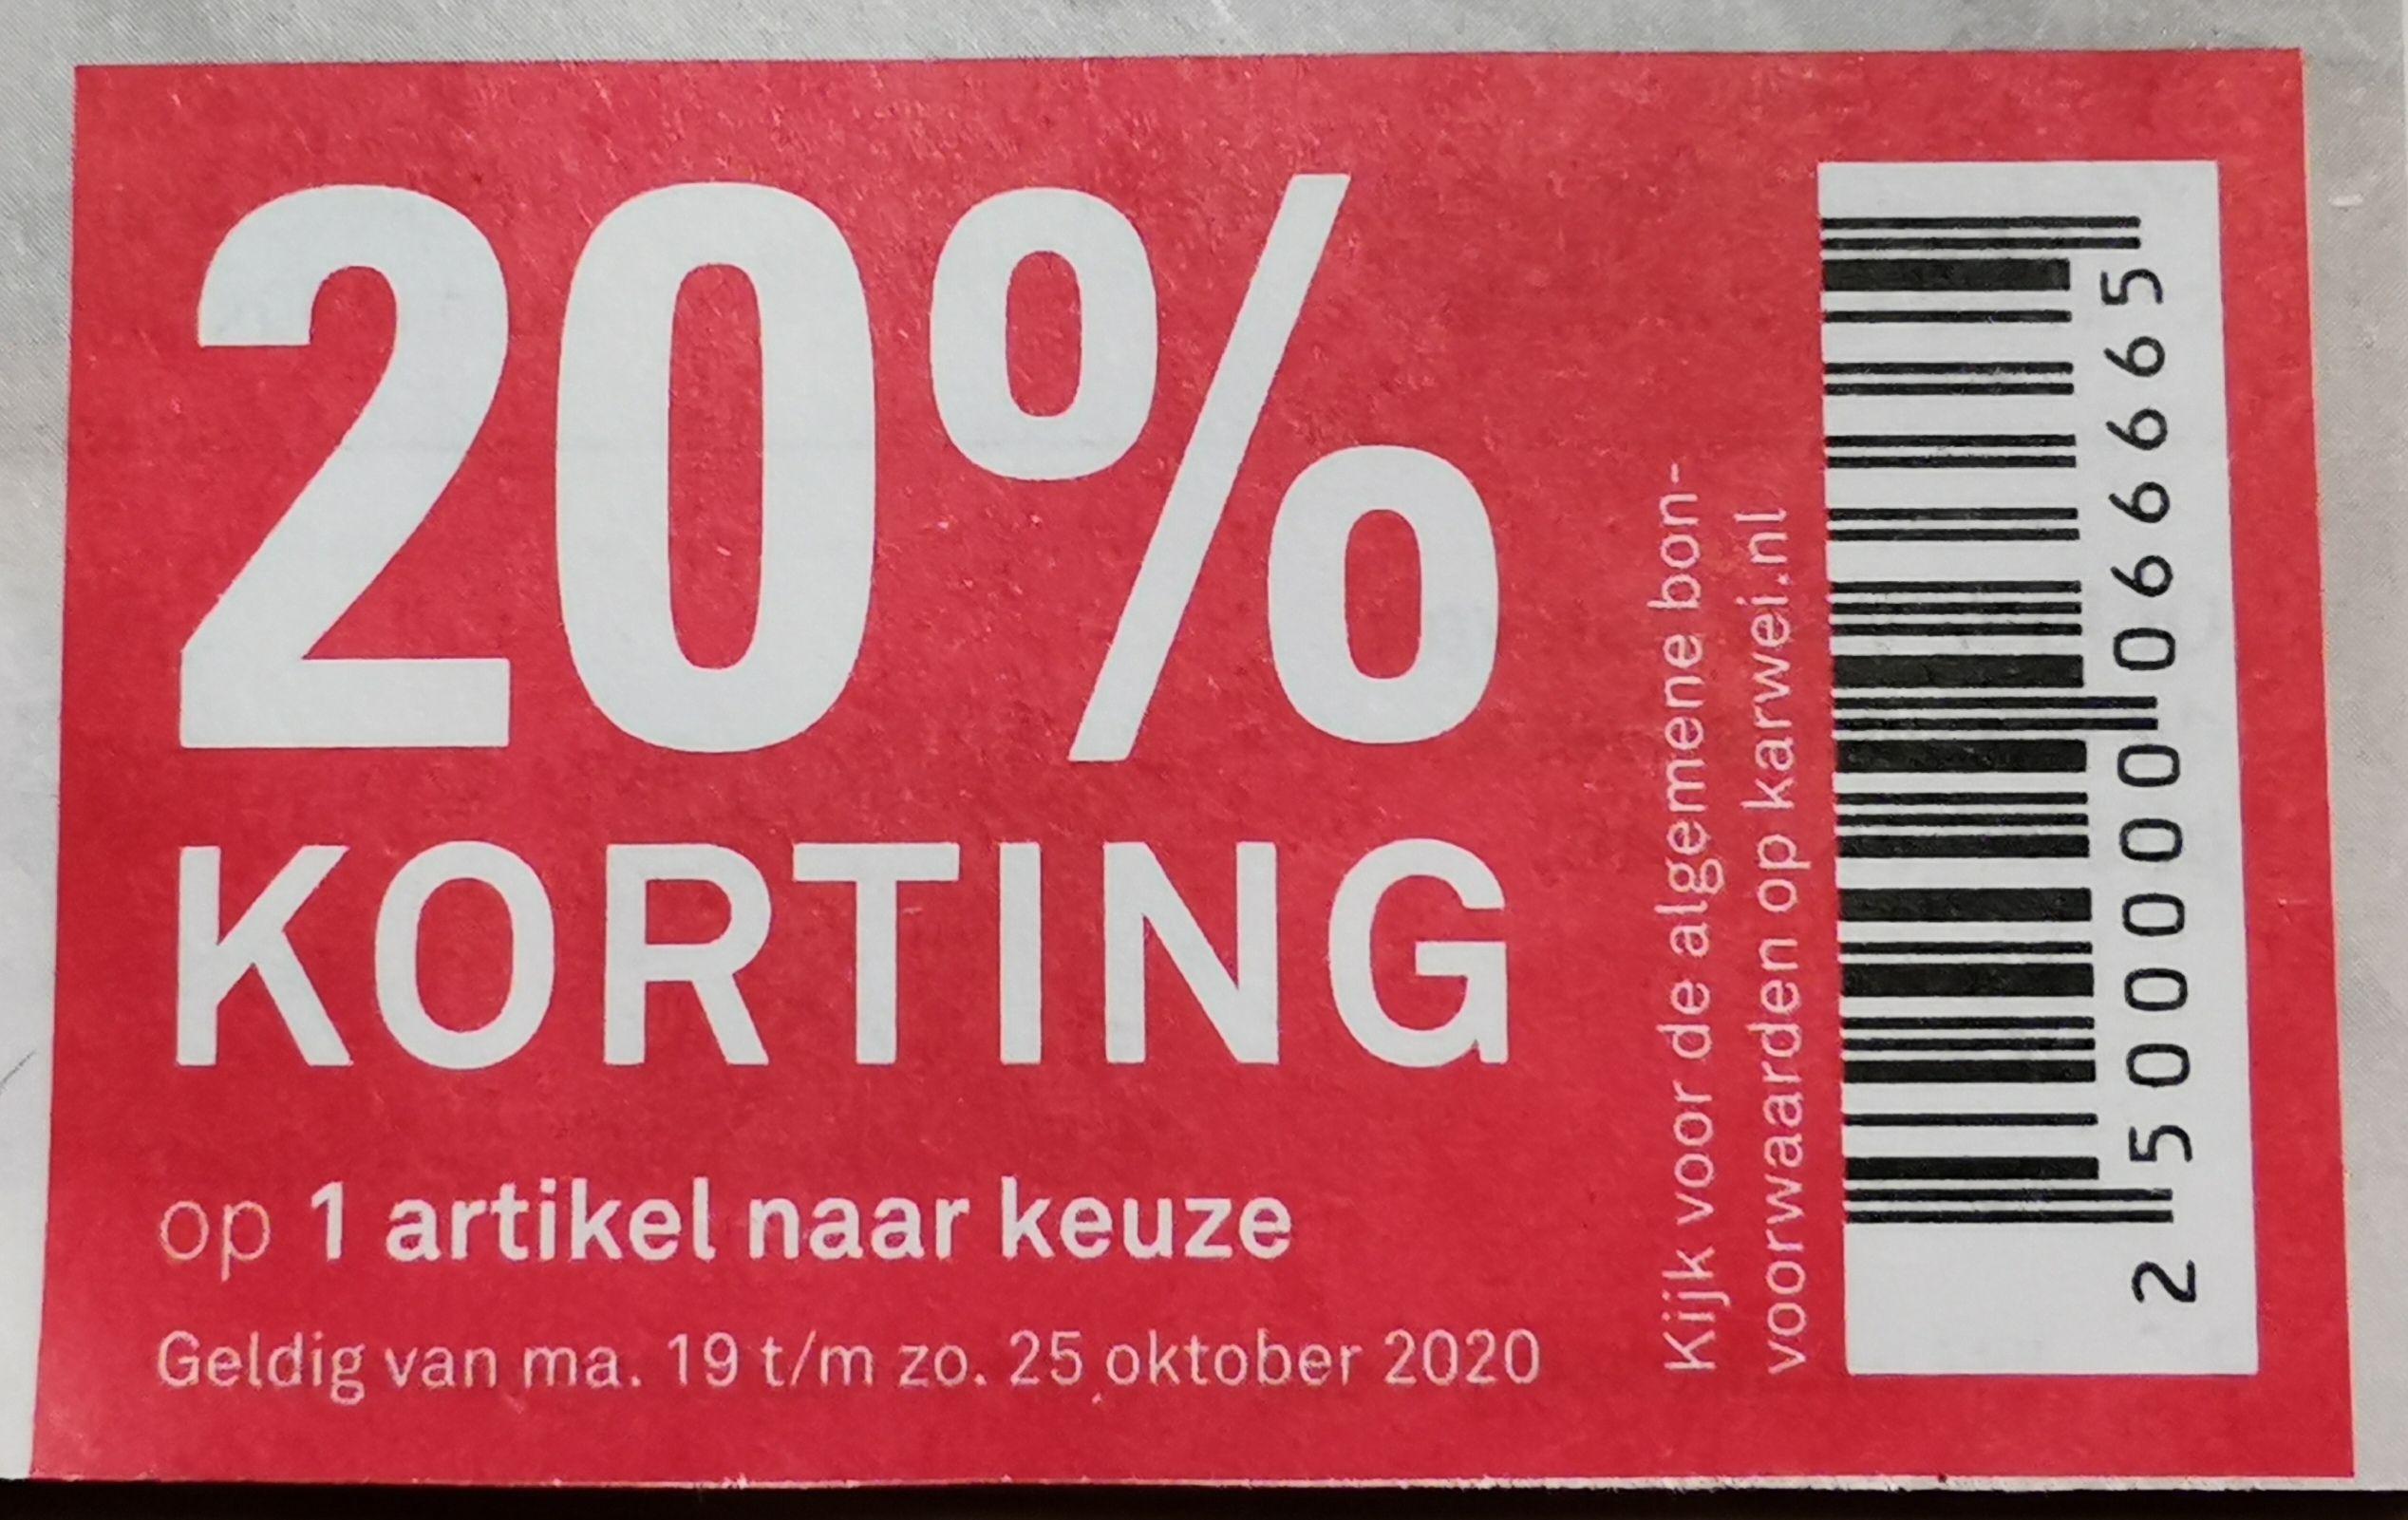 Van 19 t/m 25 oktober 20% korting op 1 artikel naar keuze